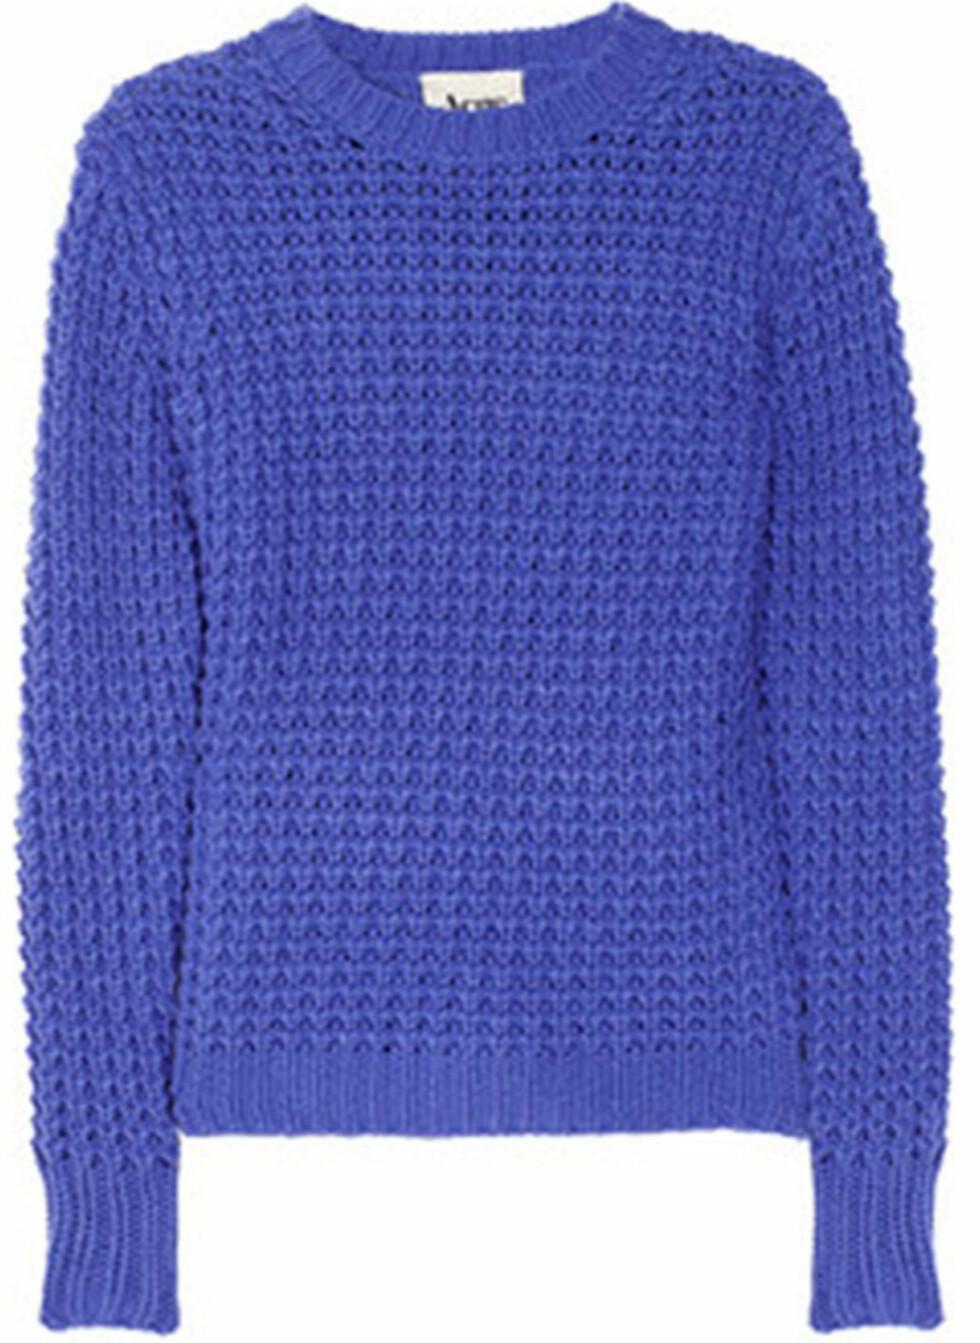 Kongeblå strikkegenser fra Acne (kr 2030/u frakt, Net-a-porter.com). Foto: Produsenten